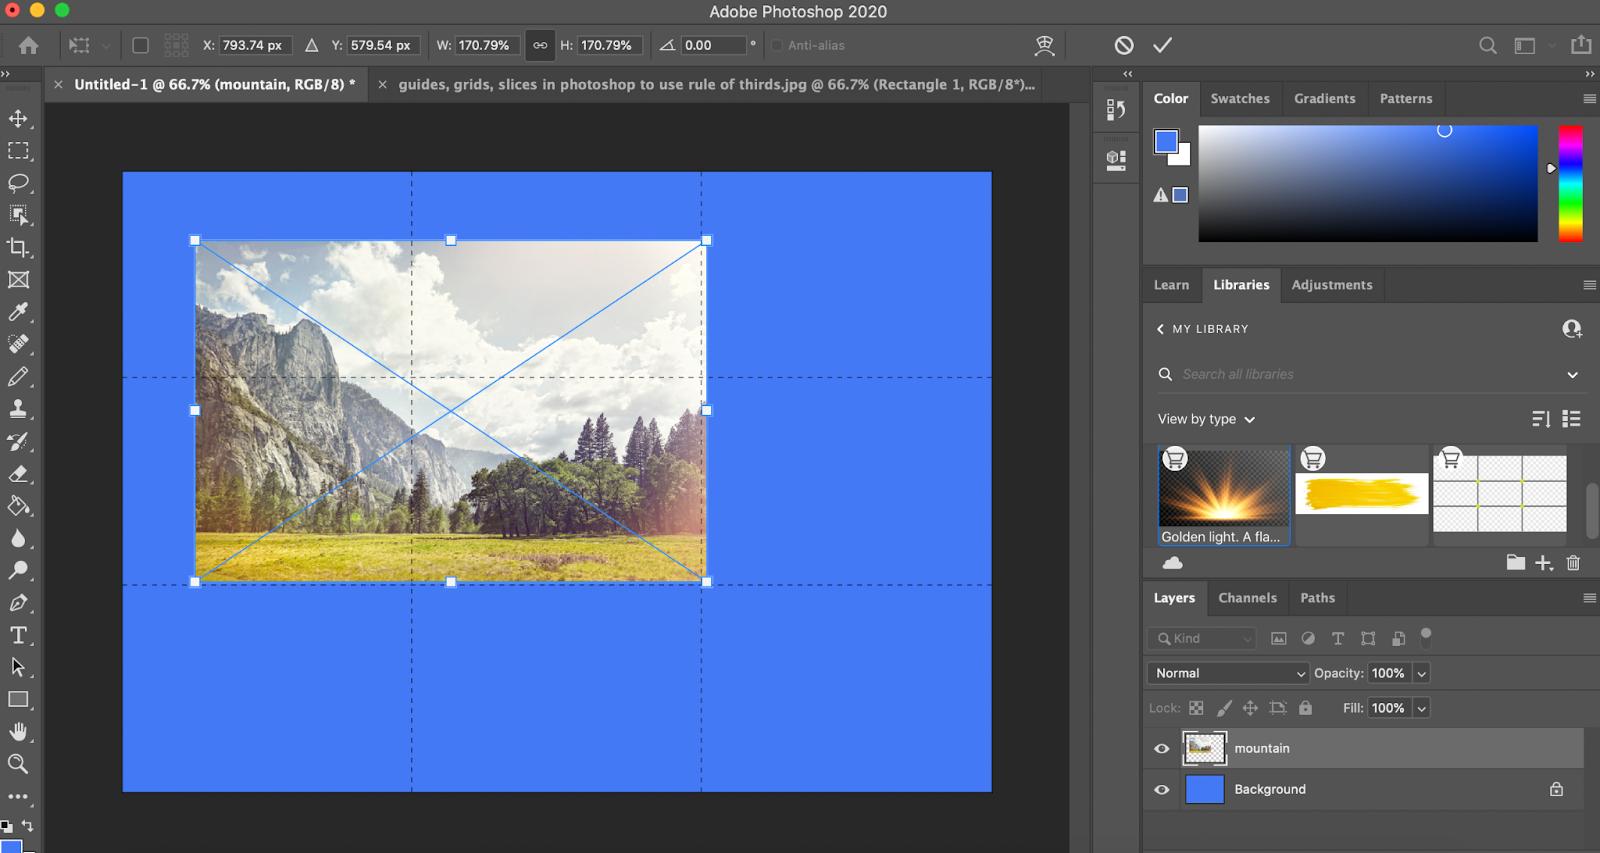 Полная сетка по правилу третей в Photoshop с транспонированным поверх нее изображением.